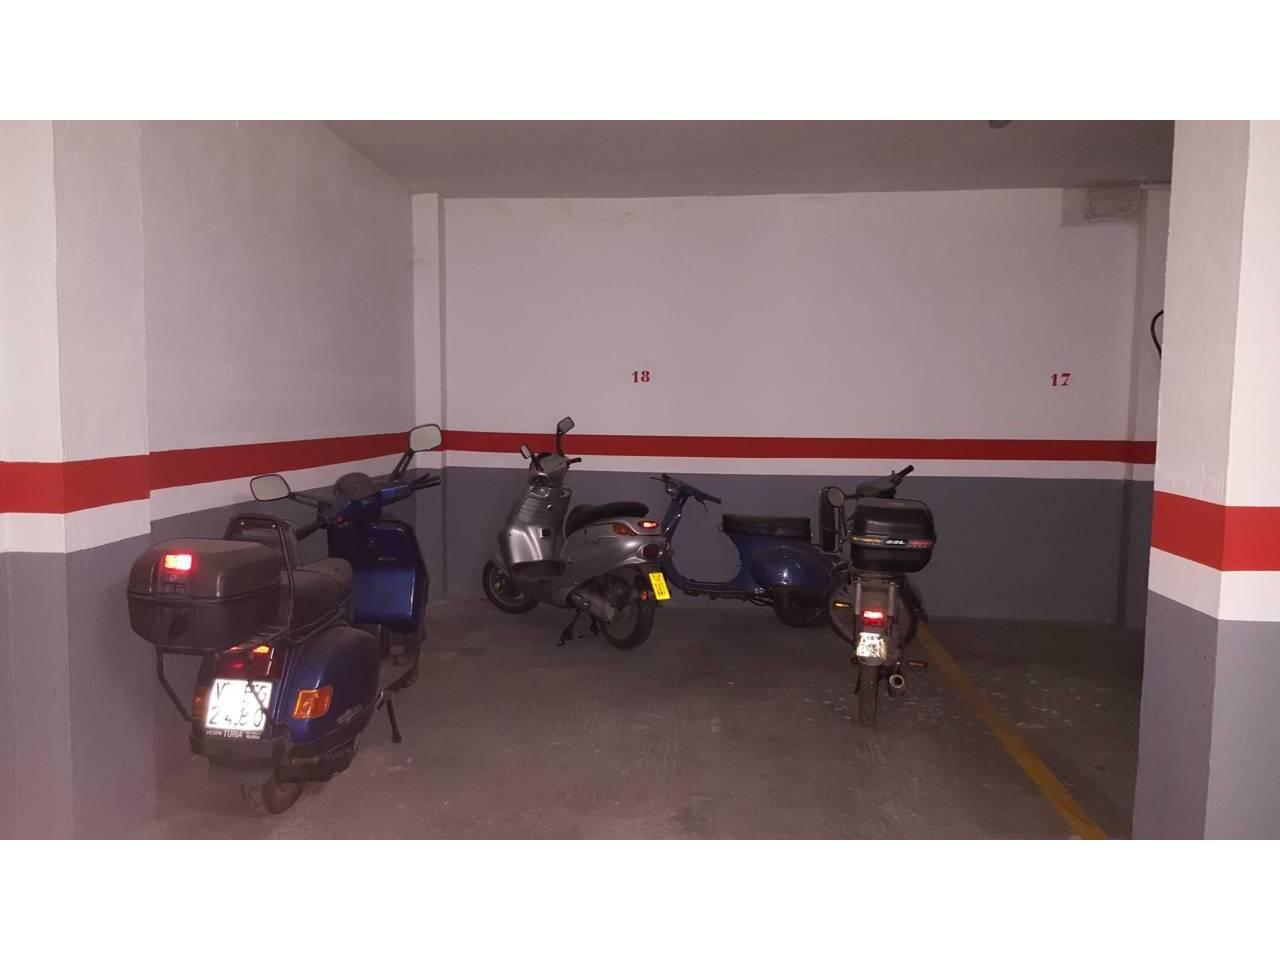 Aparcament cotxe en Benetússer. Superf. 9 m², 1 plazas.